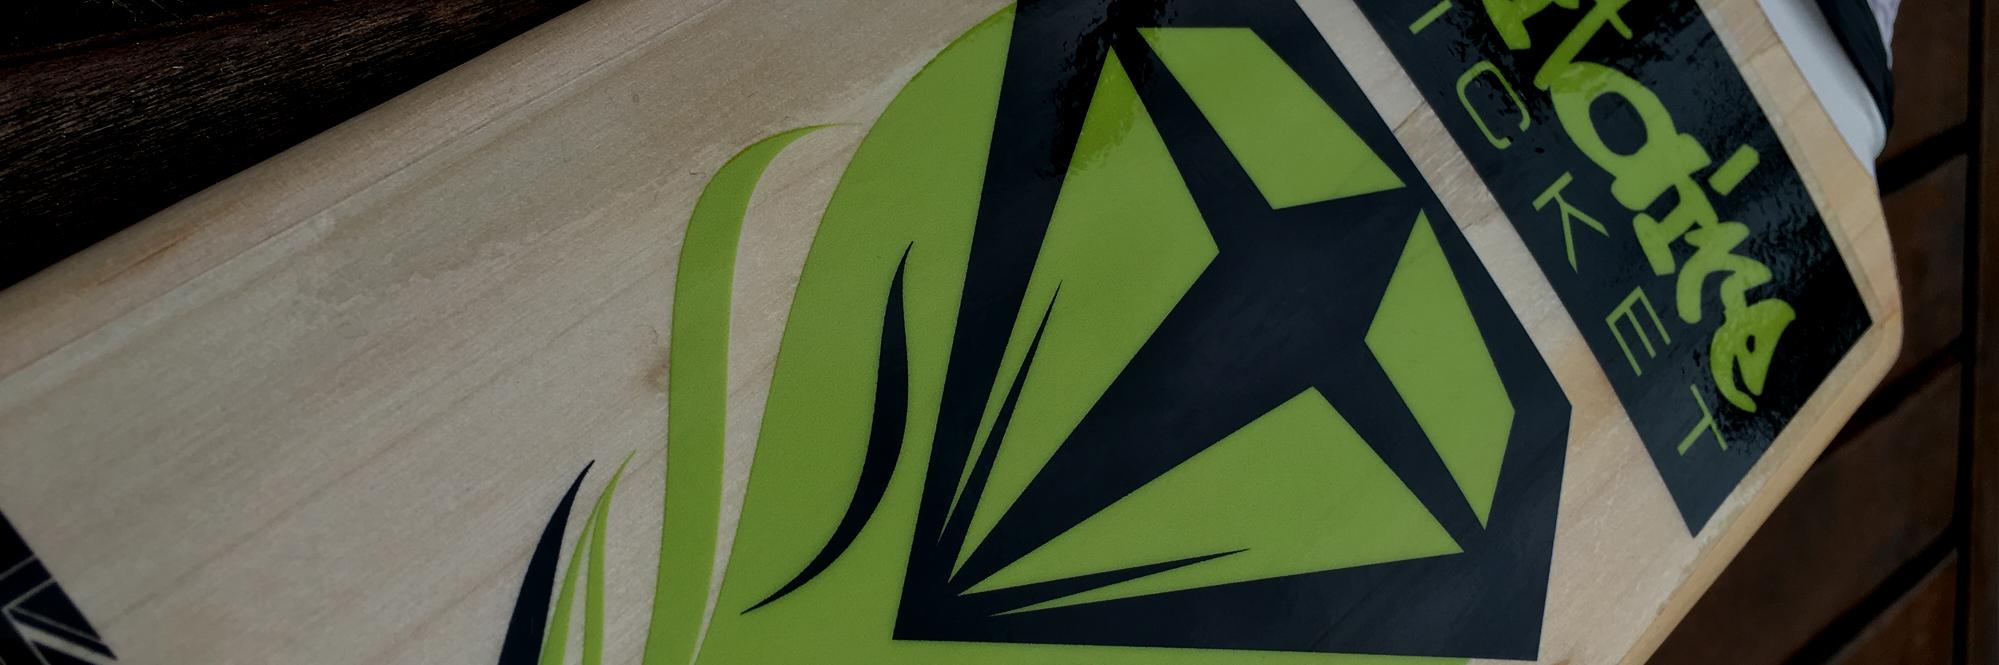 Solitaire Bat Logo